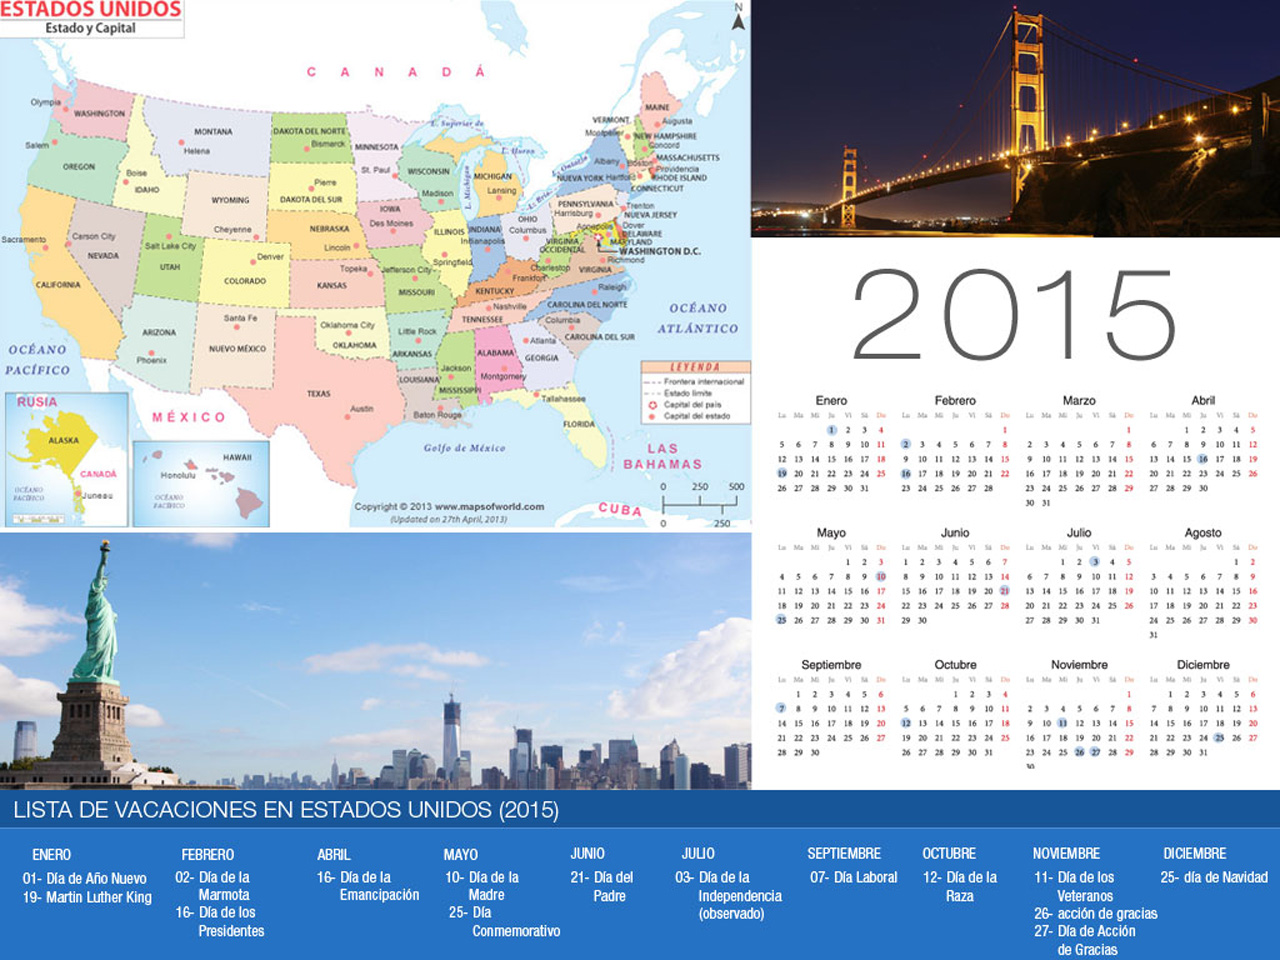 2015 Calendrier de Vacances aux Etats-Unis-800x600